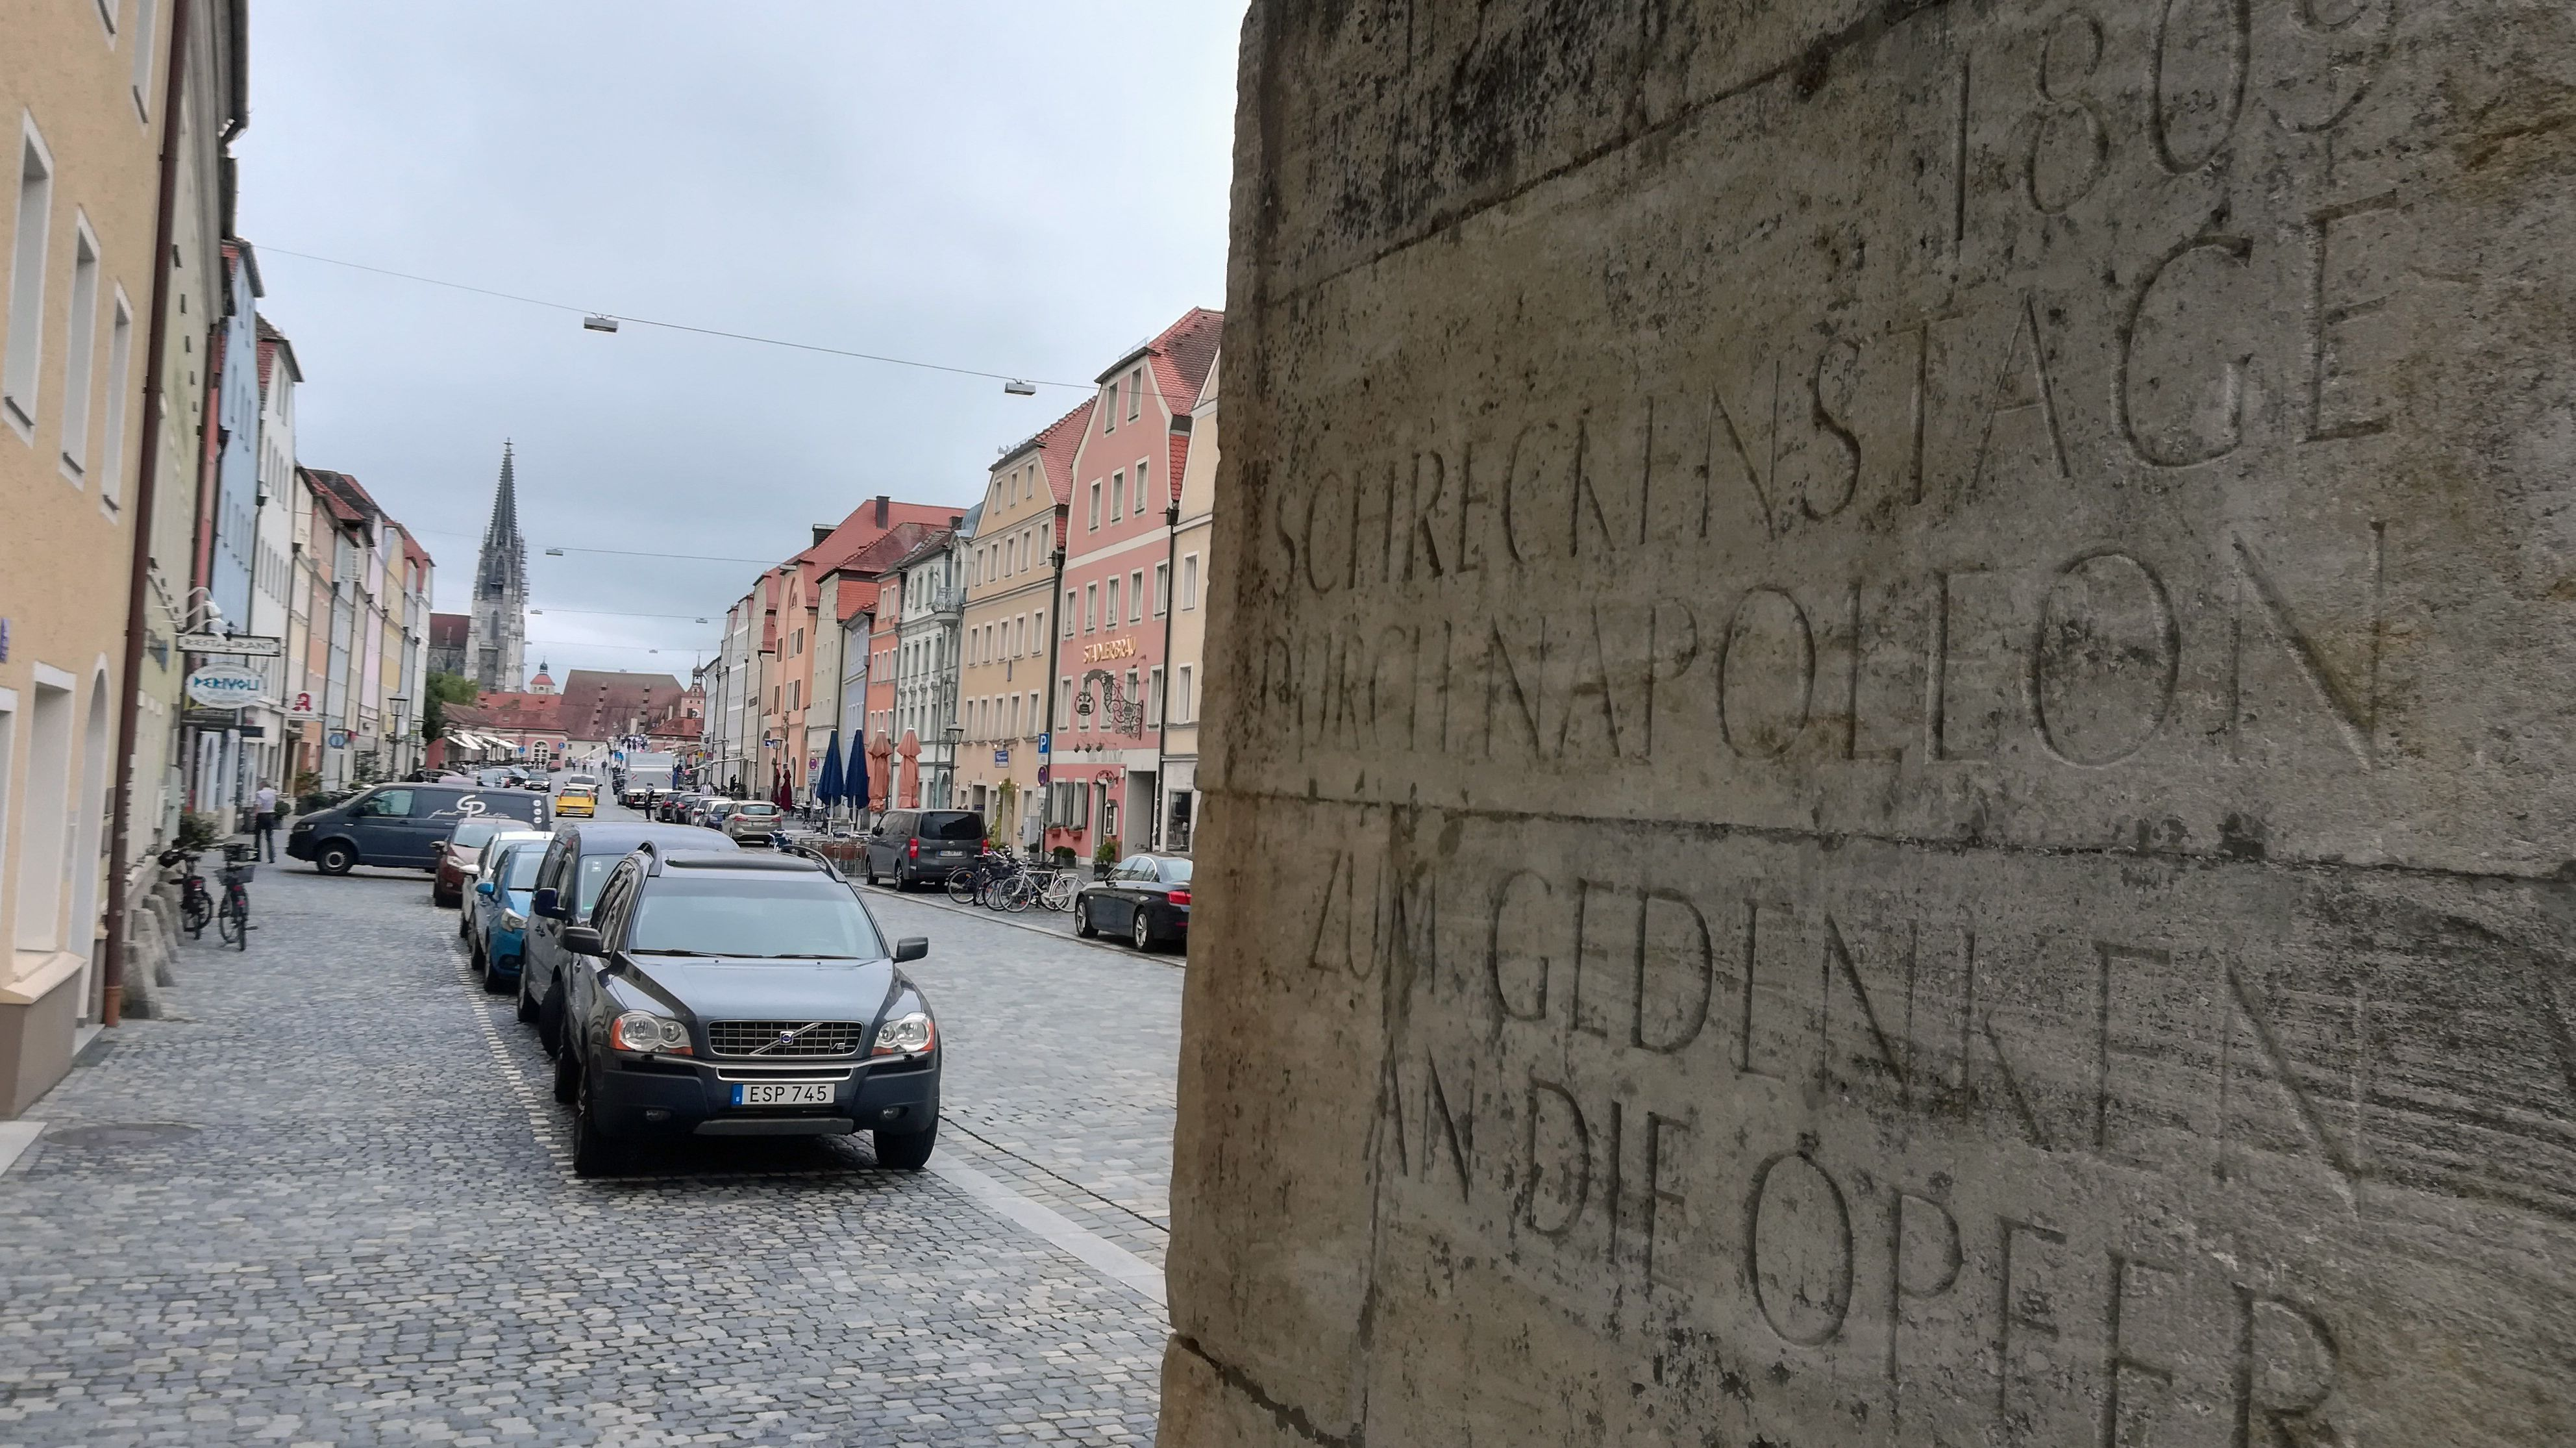 """Kaum zu entziffern: """"Schreckenstage duch Napoleon"""". Vor zehn Jahren ließ die Stadt diese umstrittene Inschrift in Stadtamhof anbringen."""